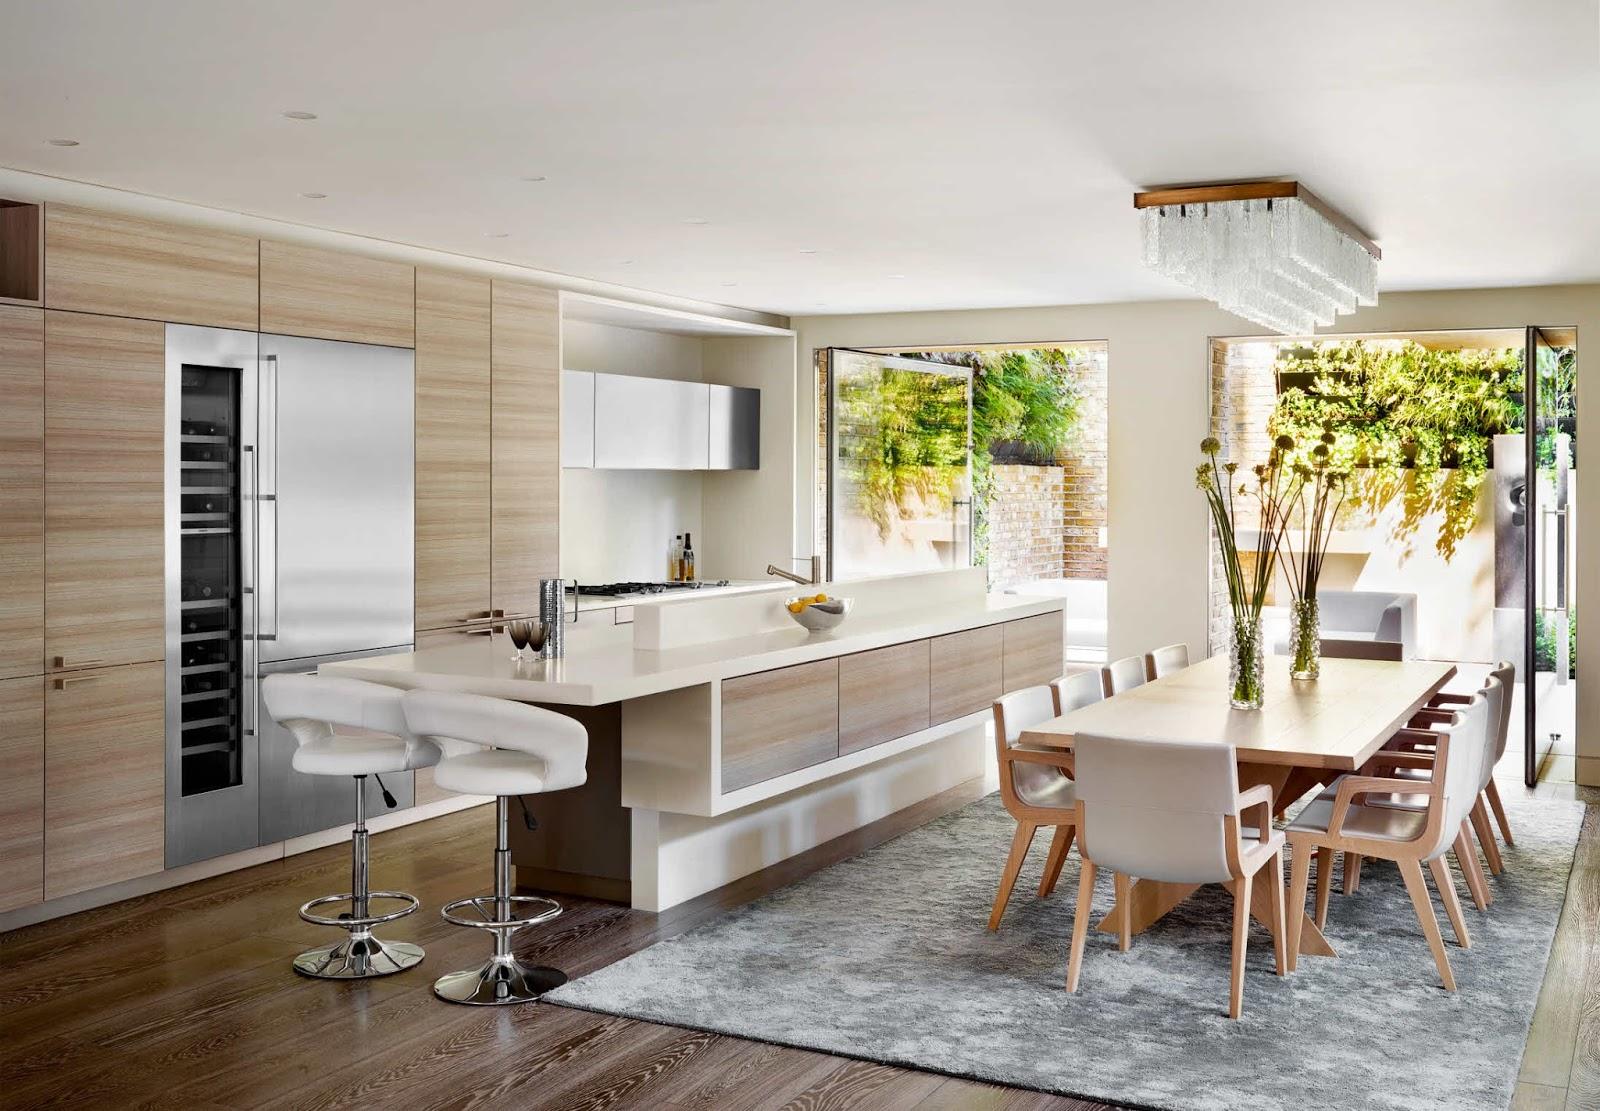 Karmarchitettura Soggiorno Cucina Open Space Living Con Angolo Cottura